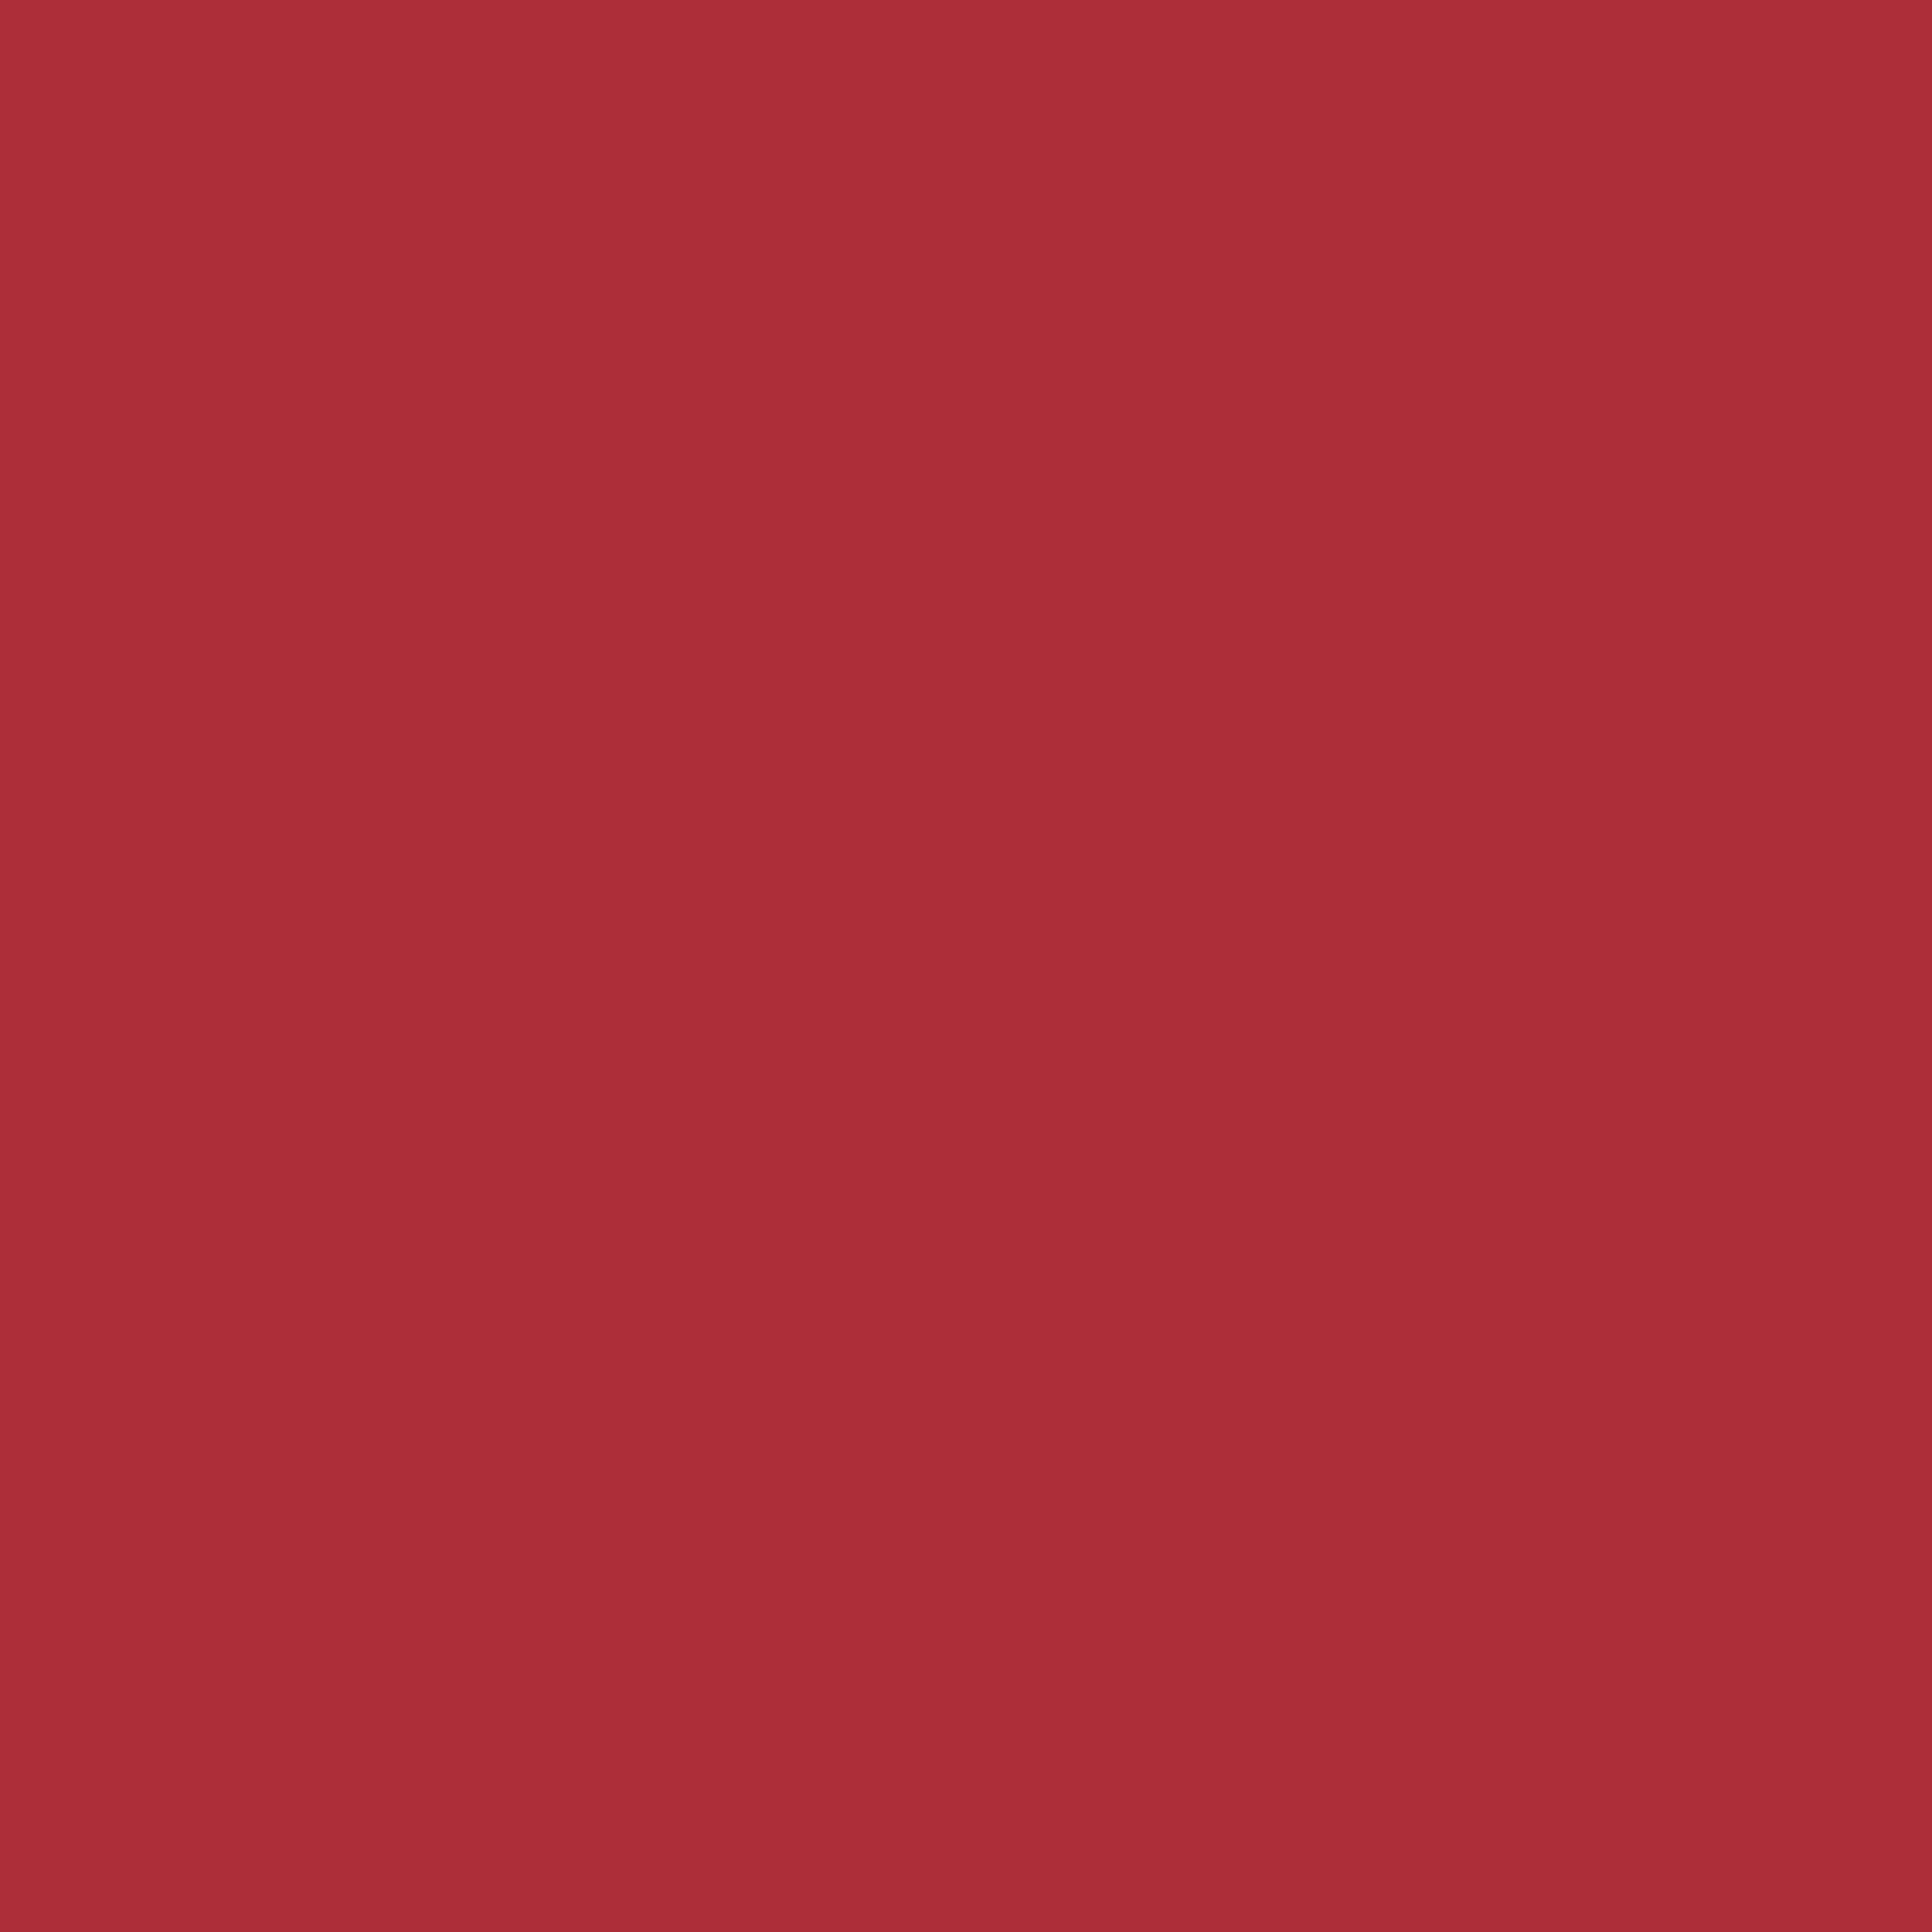 Rot/grau